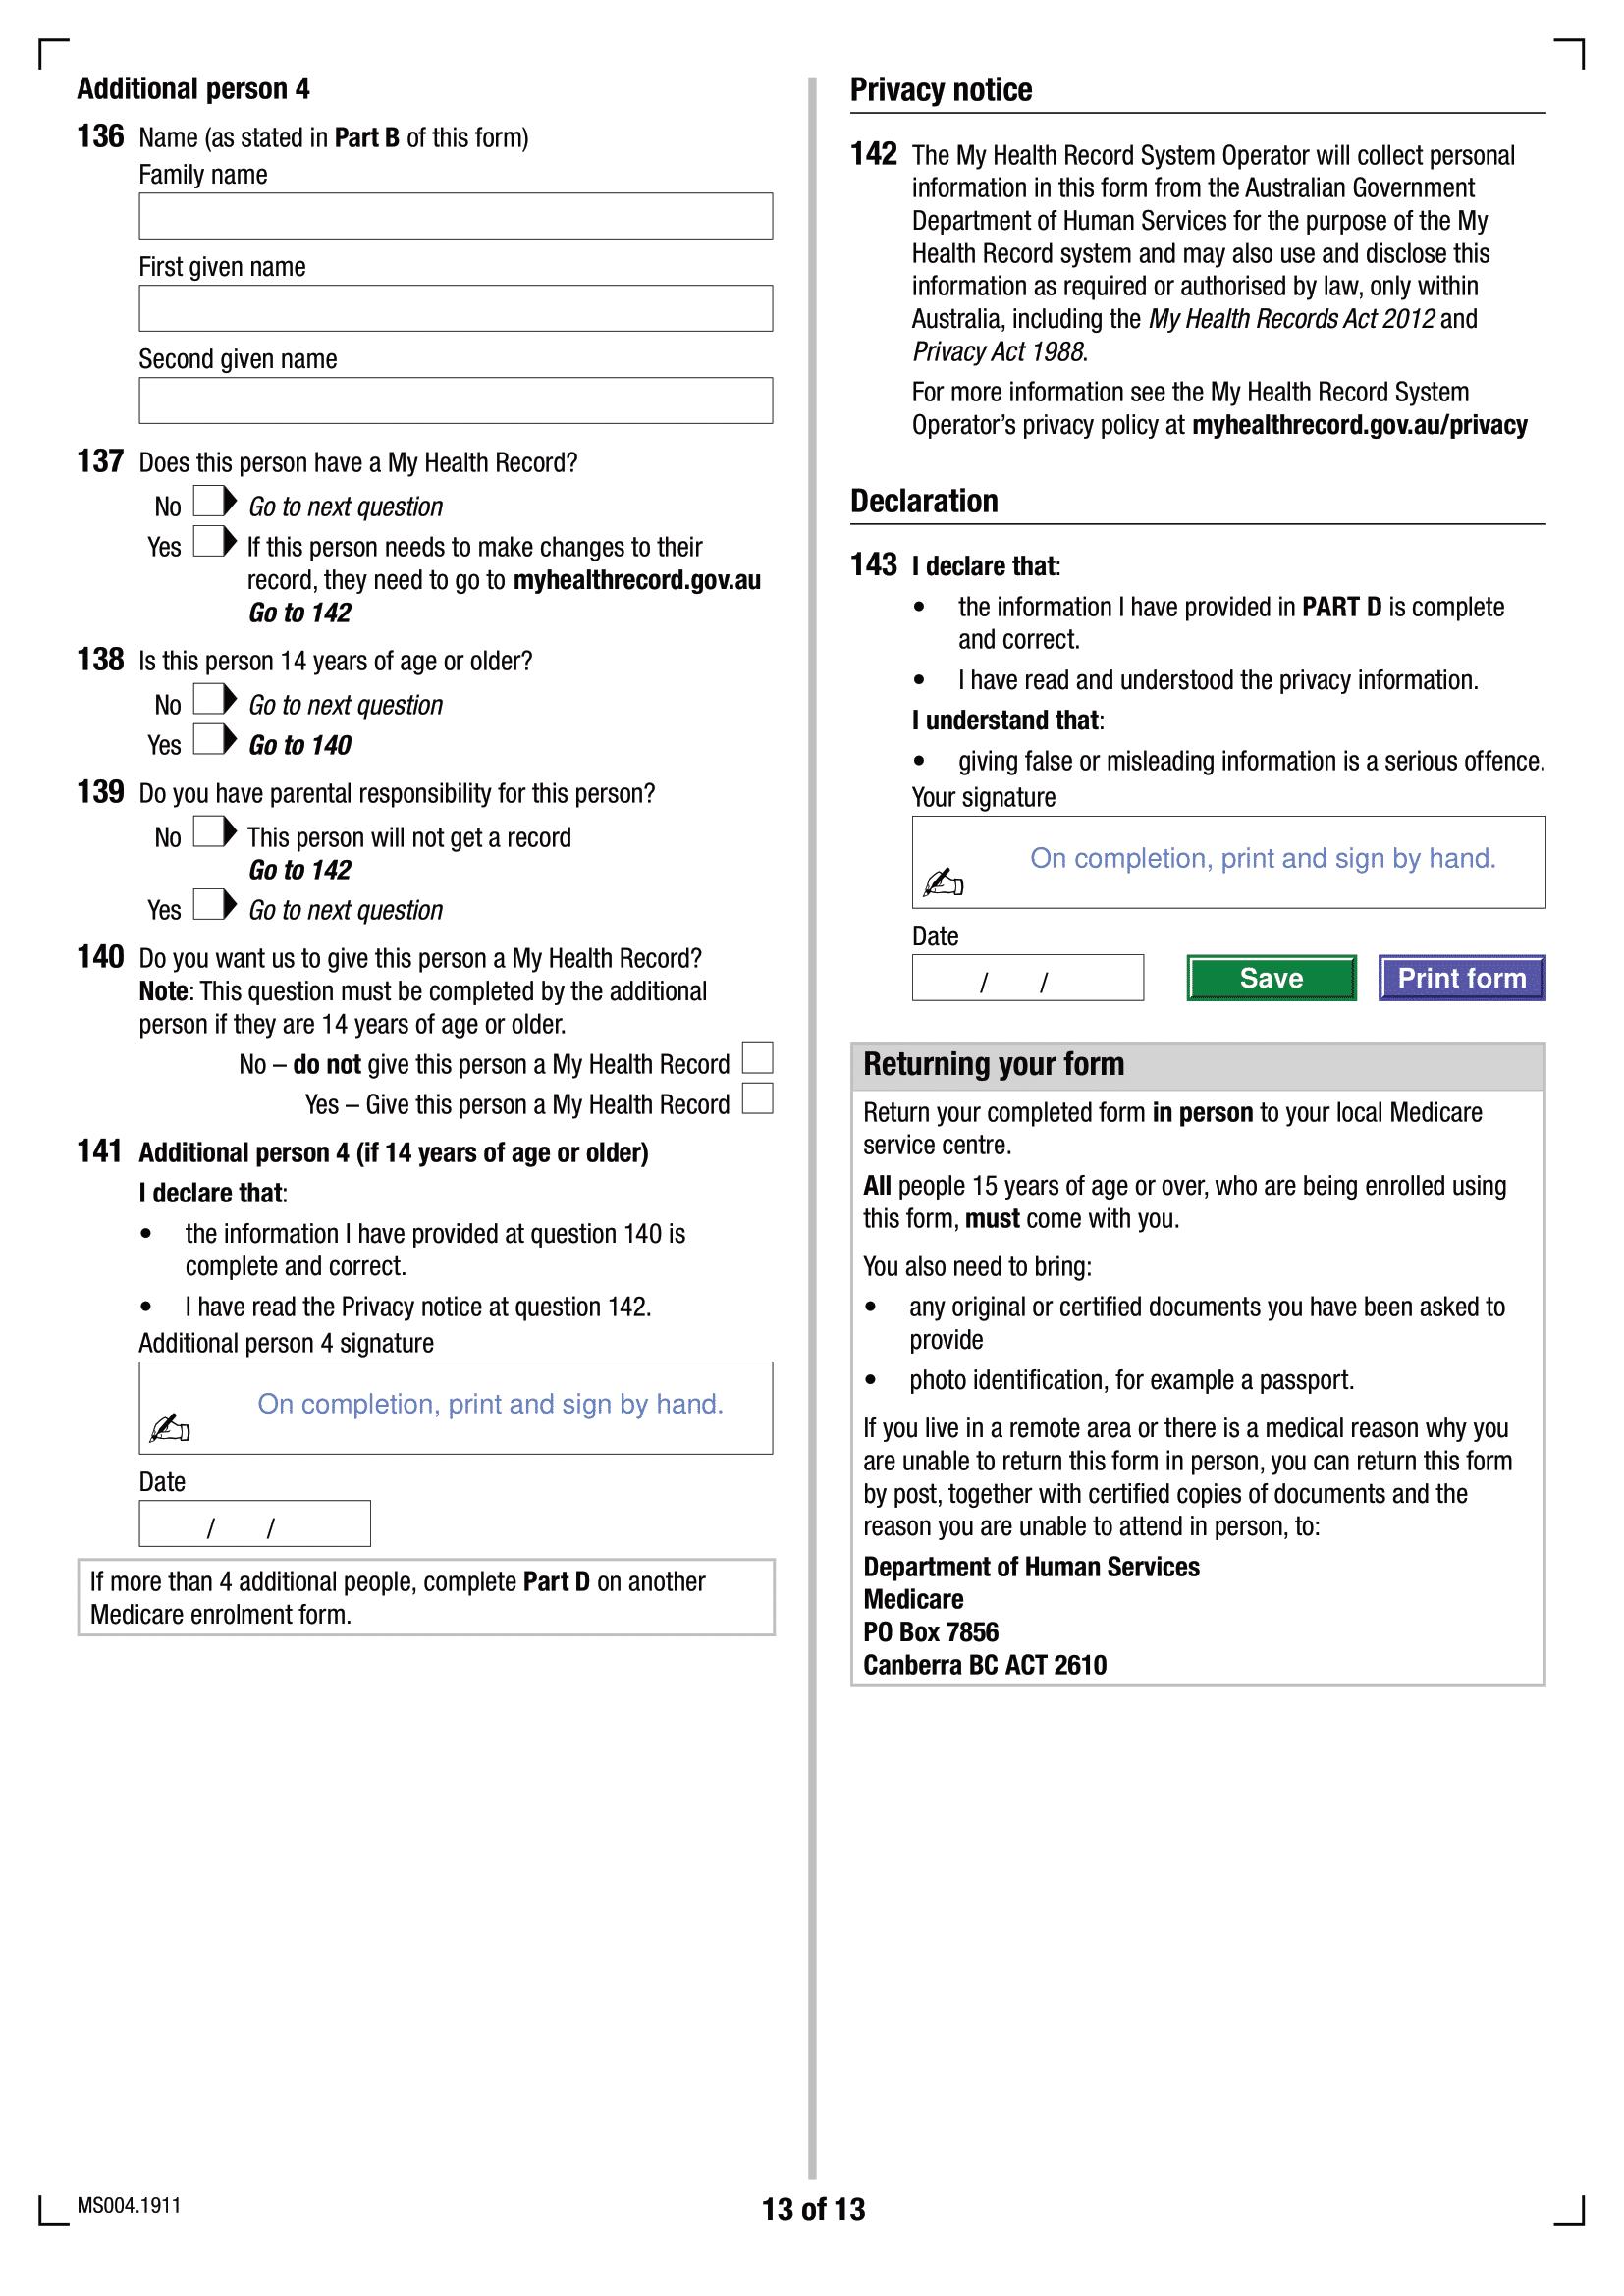 Formulaire d'inscription Medicare MS004 - Page 14